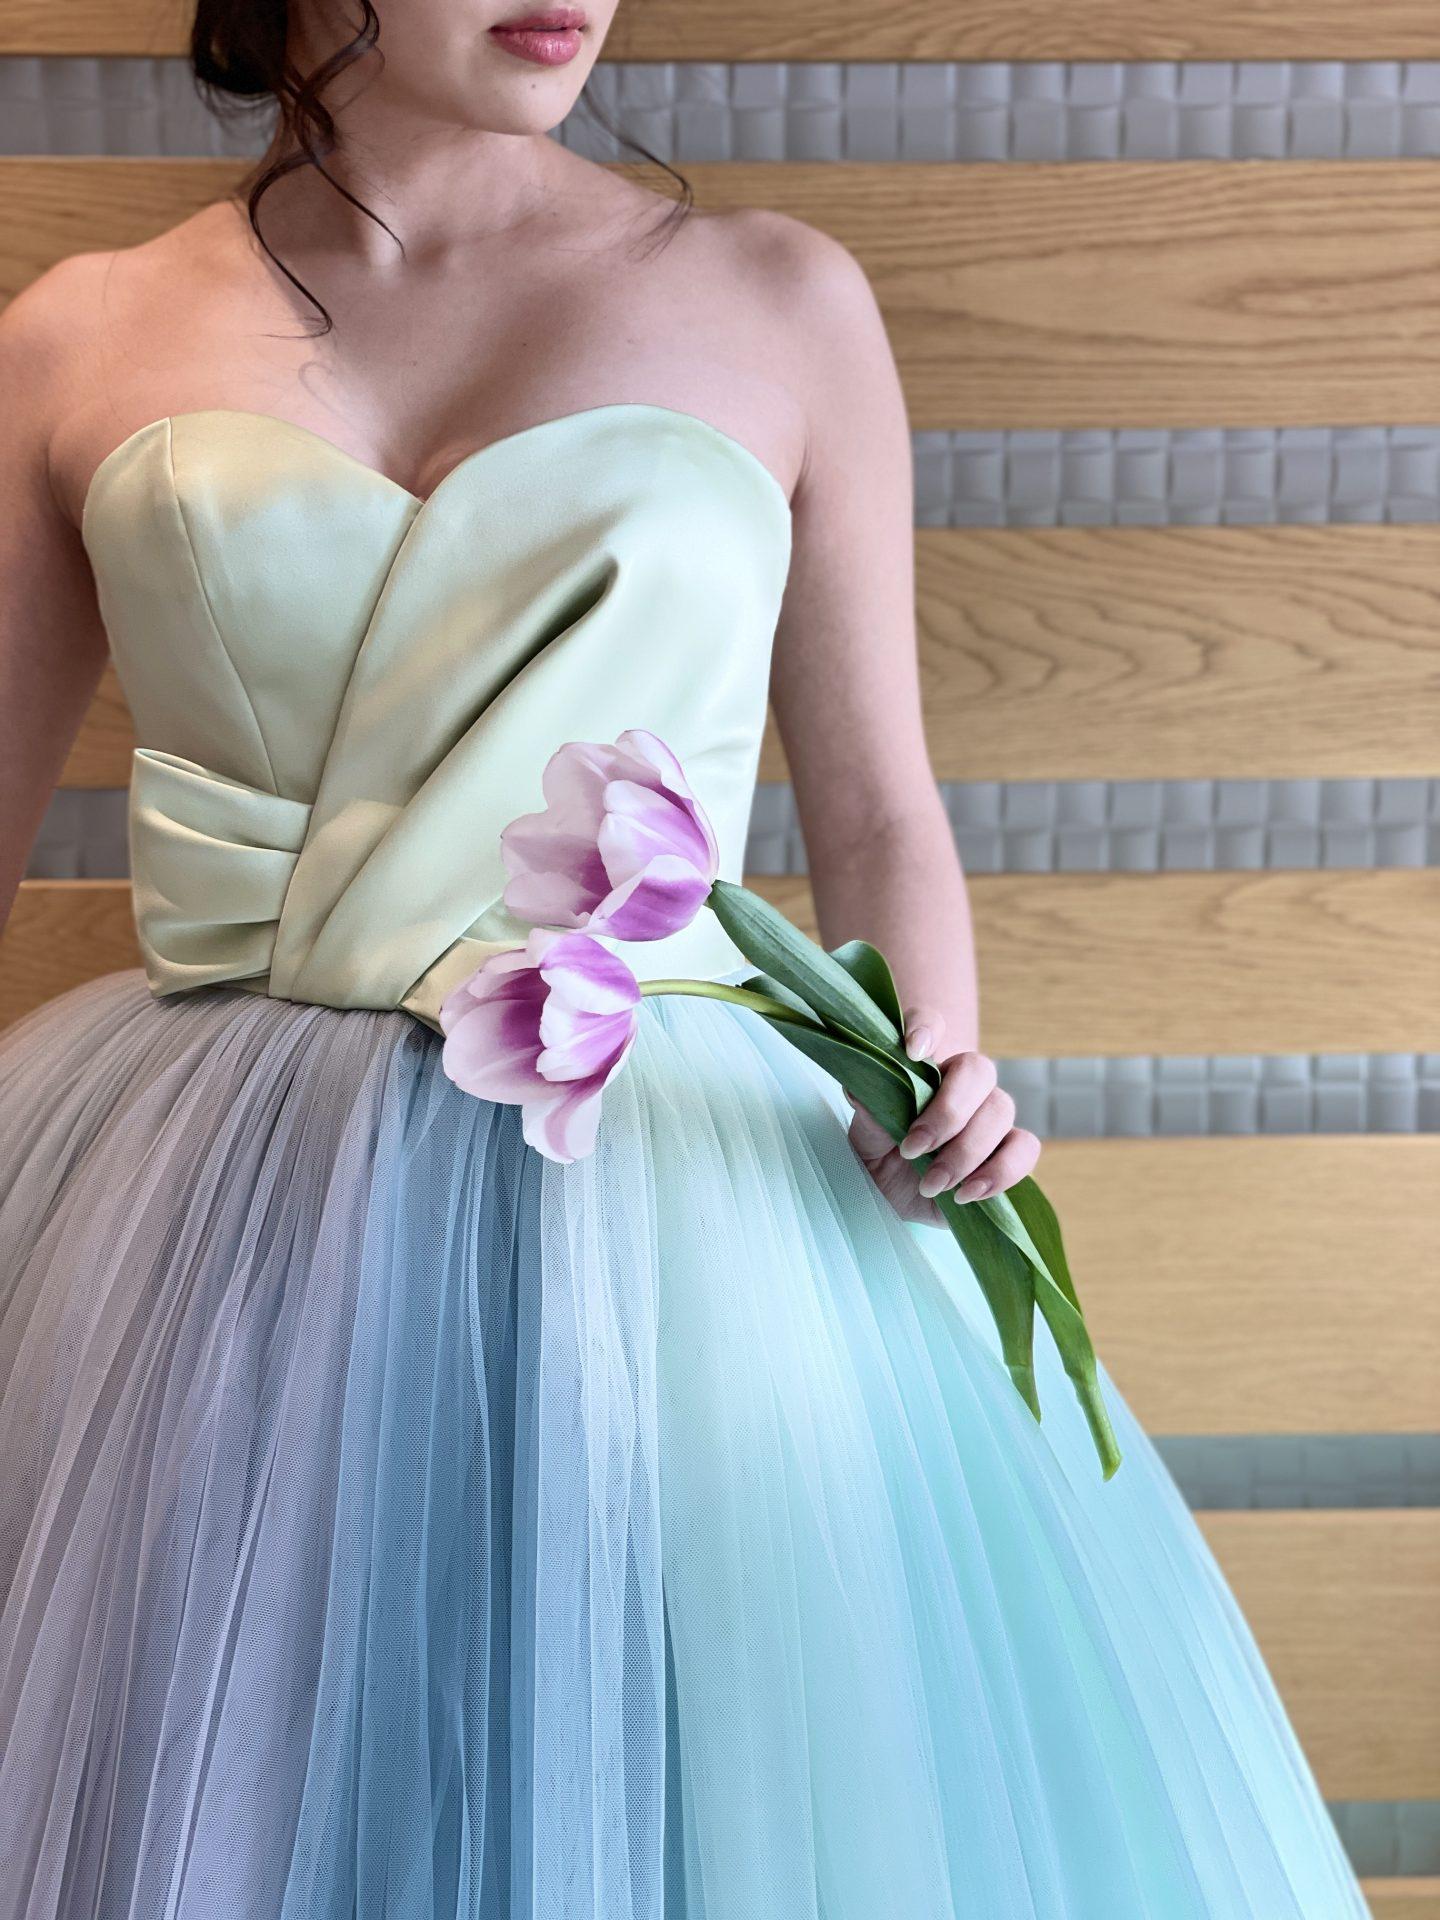 大阪の人気の結婚式会場の鶴見ノ森迎賓館のひだまりの森でグラデーションのザ・トリートドレッシングのカラードレスをお召になる花嫁様